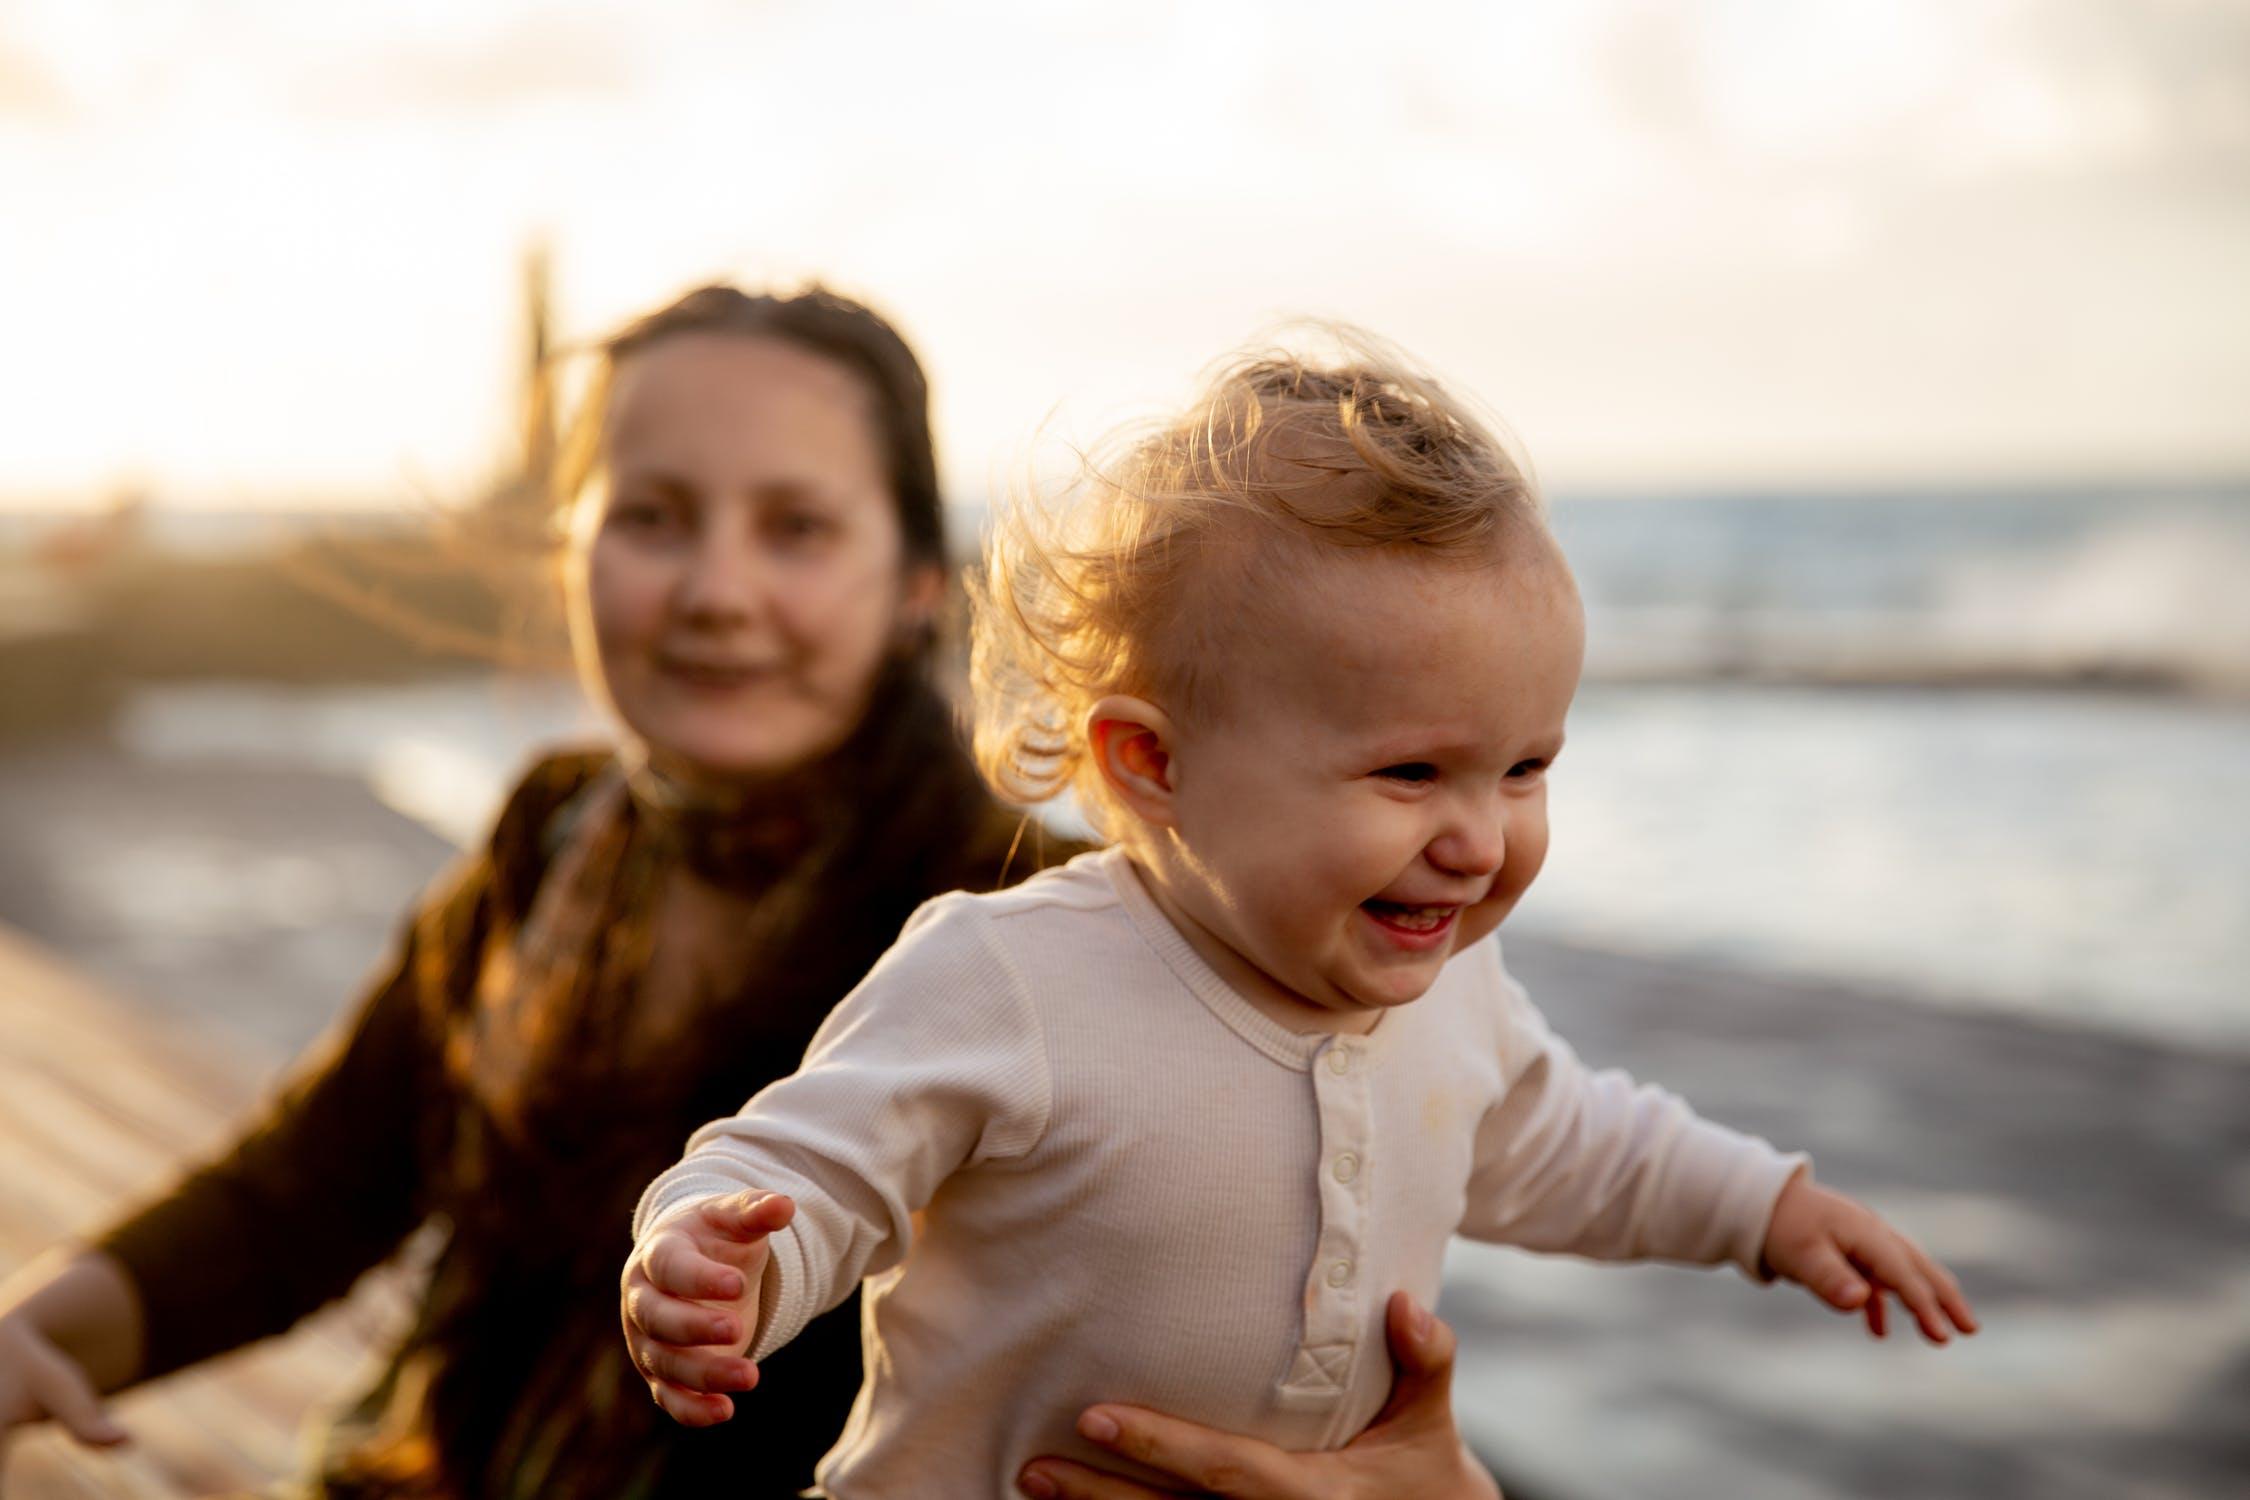 育婴师行业怎么样?育婴师培训有什么要求?